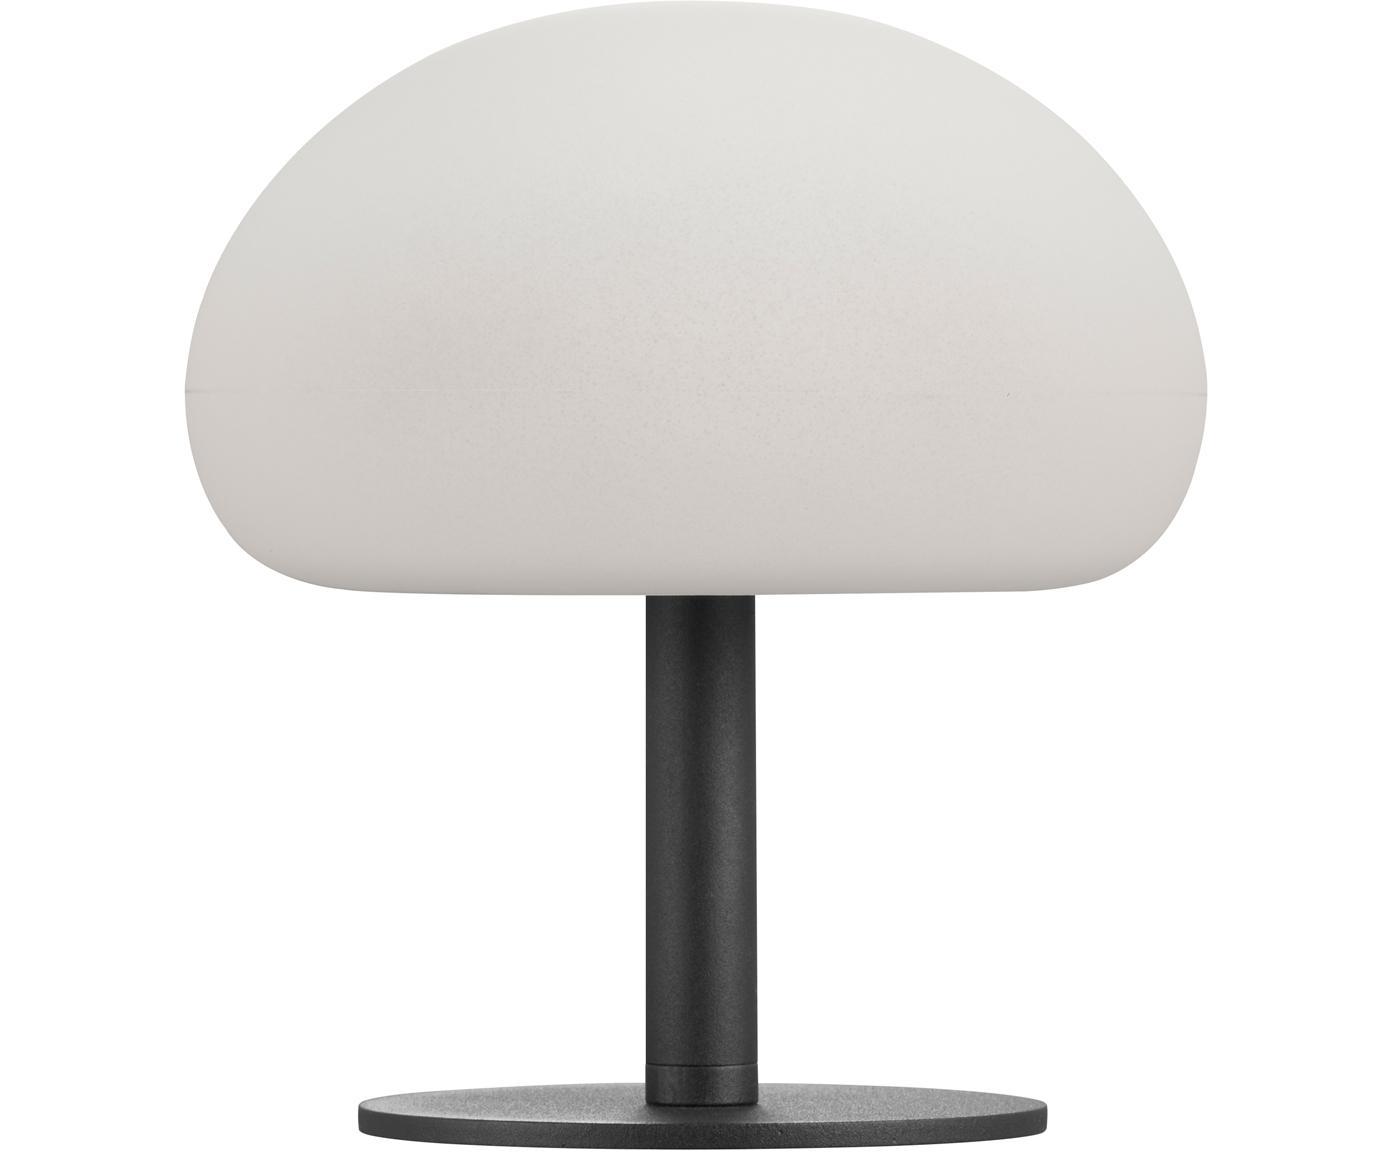 Zewnętrzna lampa stołowa z funkcją przyciemniania Sponge, Biały, czarny, Ø 20 x W 22 cm